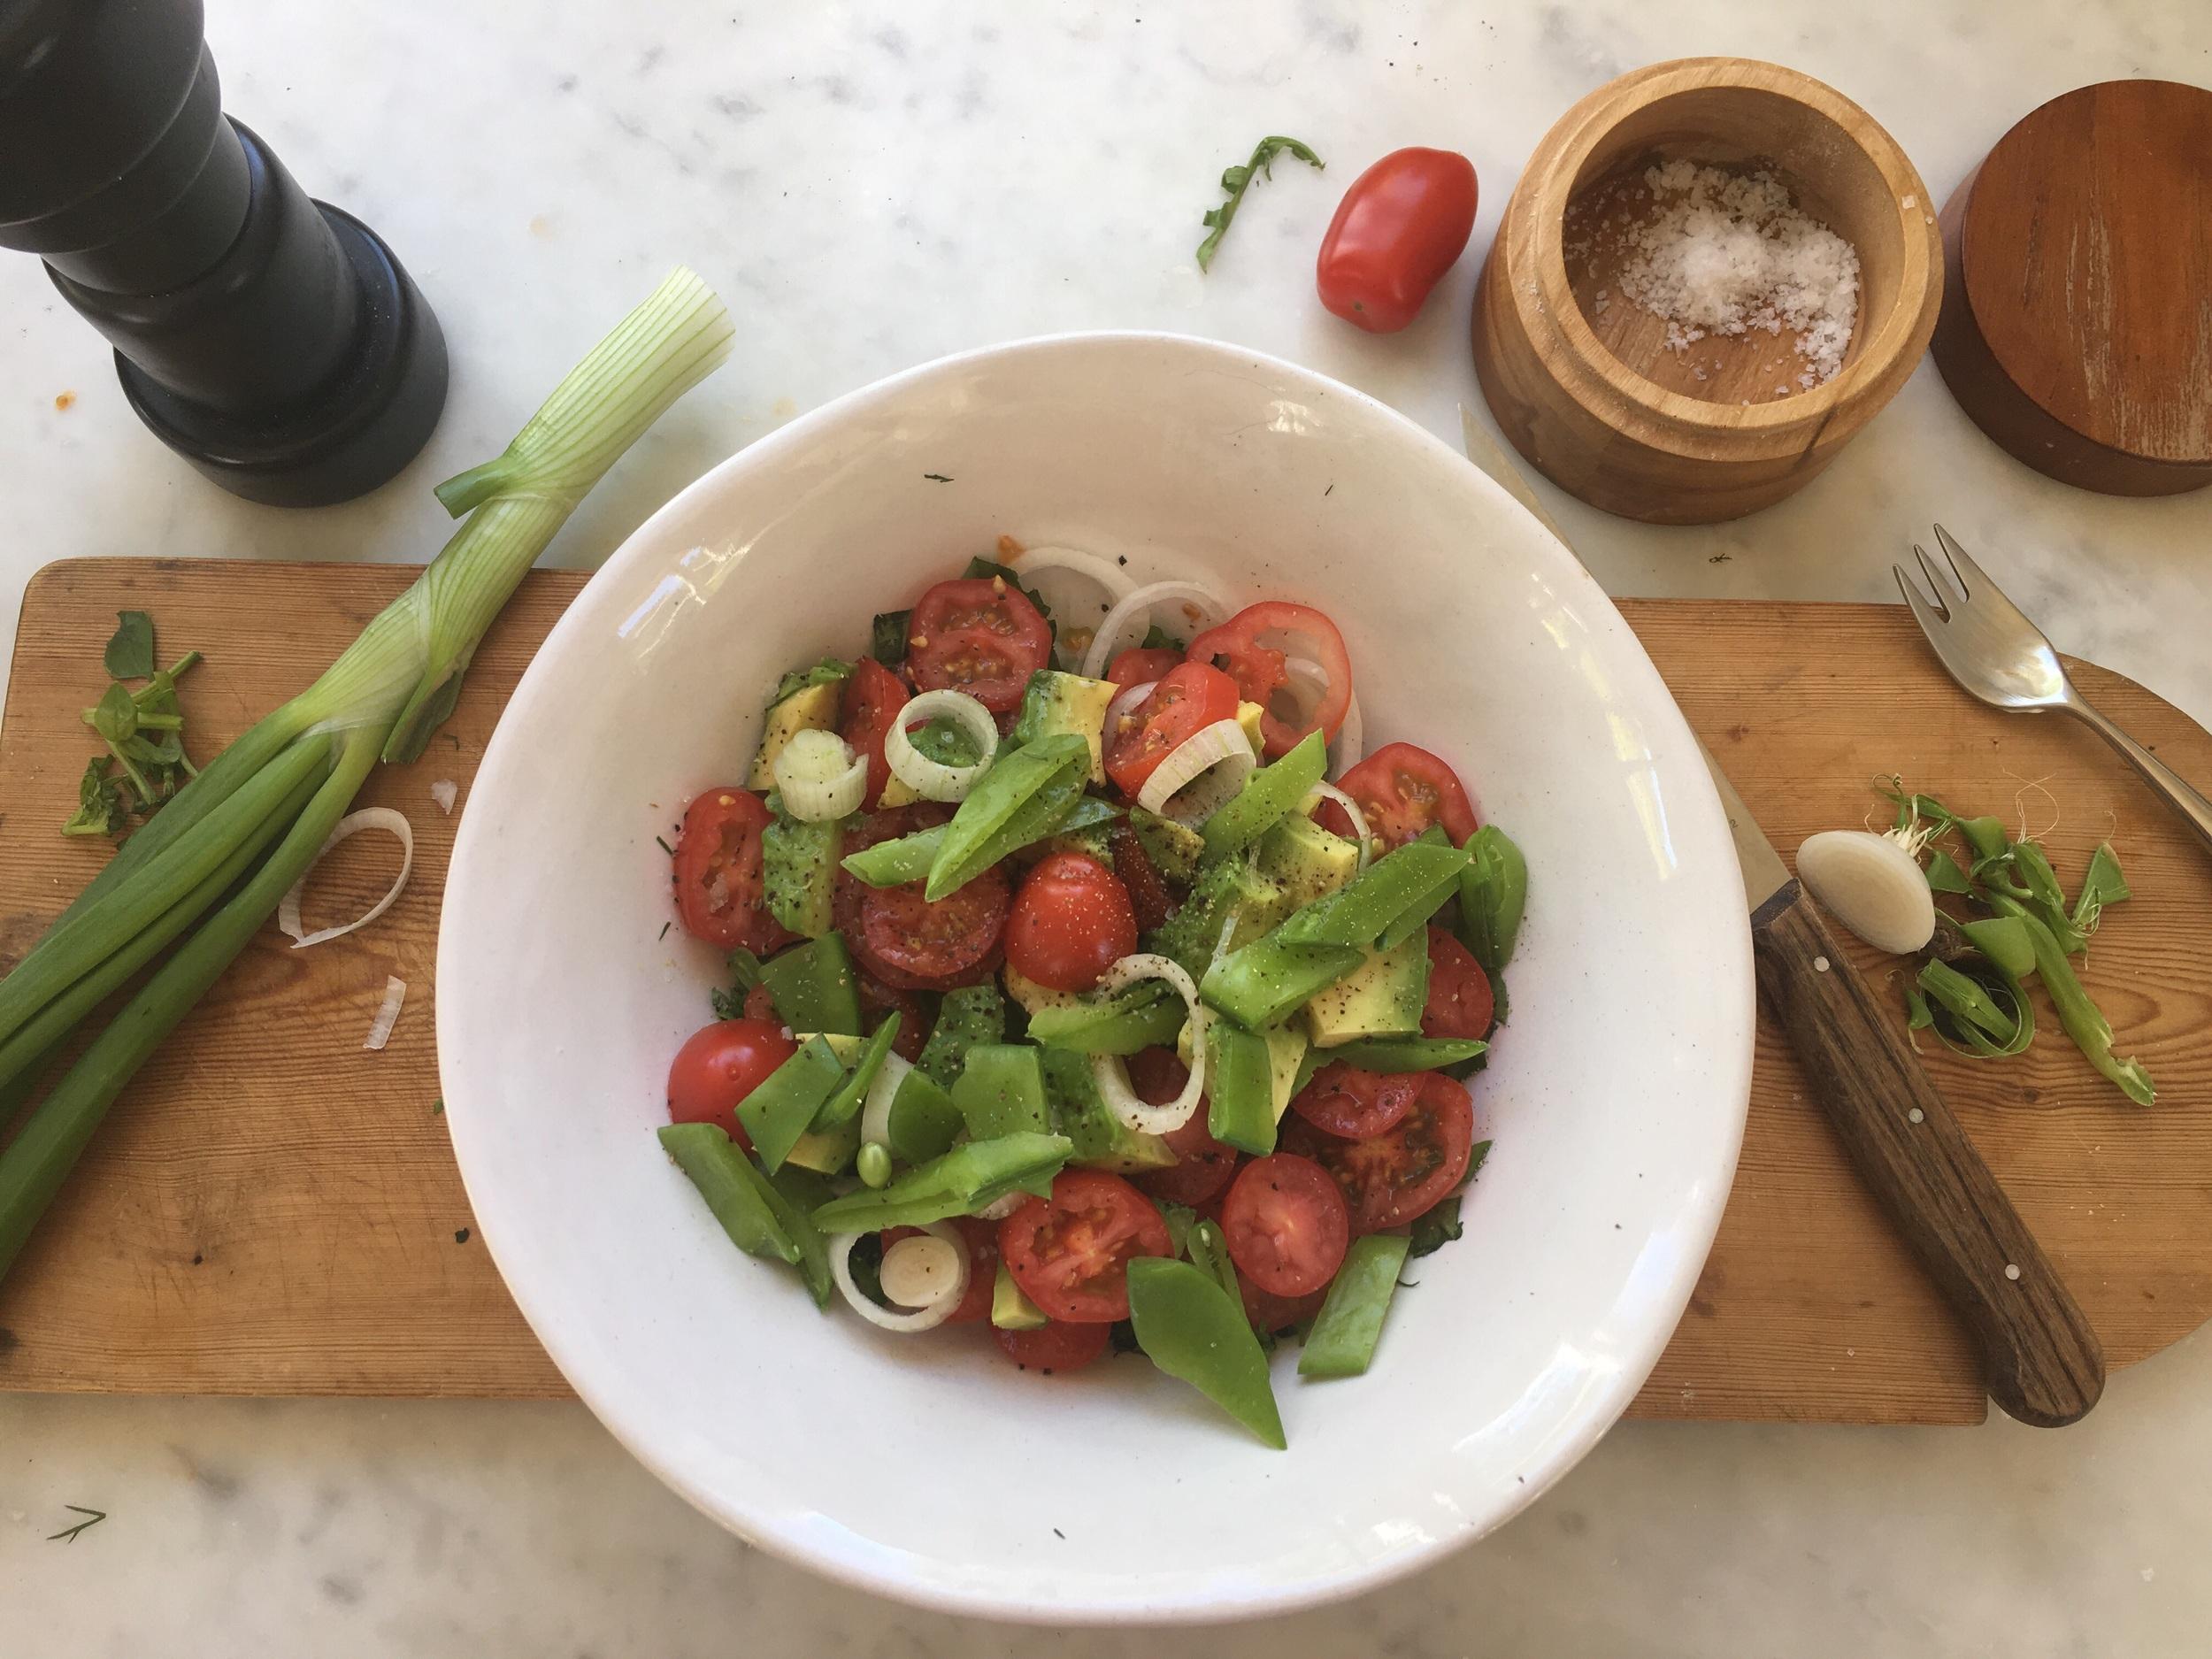 Litt fra hagen og litt fra skap og skuffer. Jeg er veldig glad i salater. Kalde eller varme, med og uten salatblader. Alt er stort sett godt sammen.